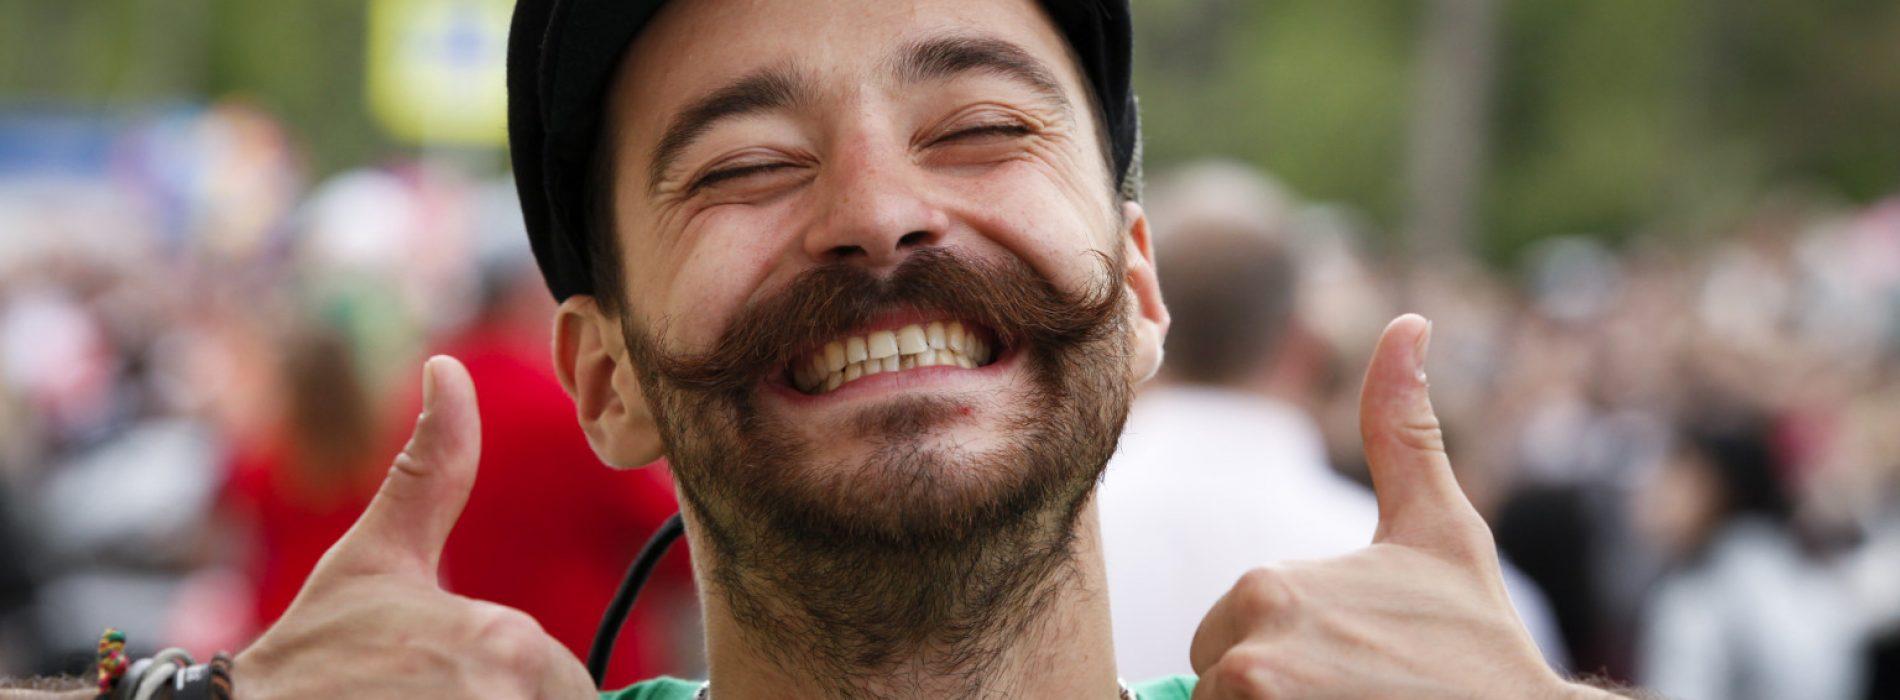 bewijs – optimisten leven langer!